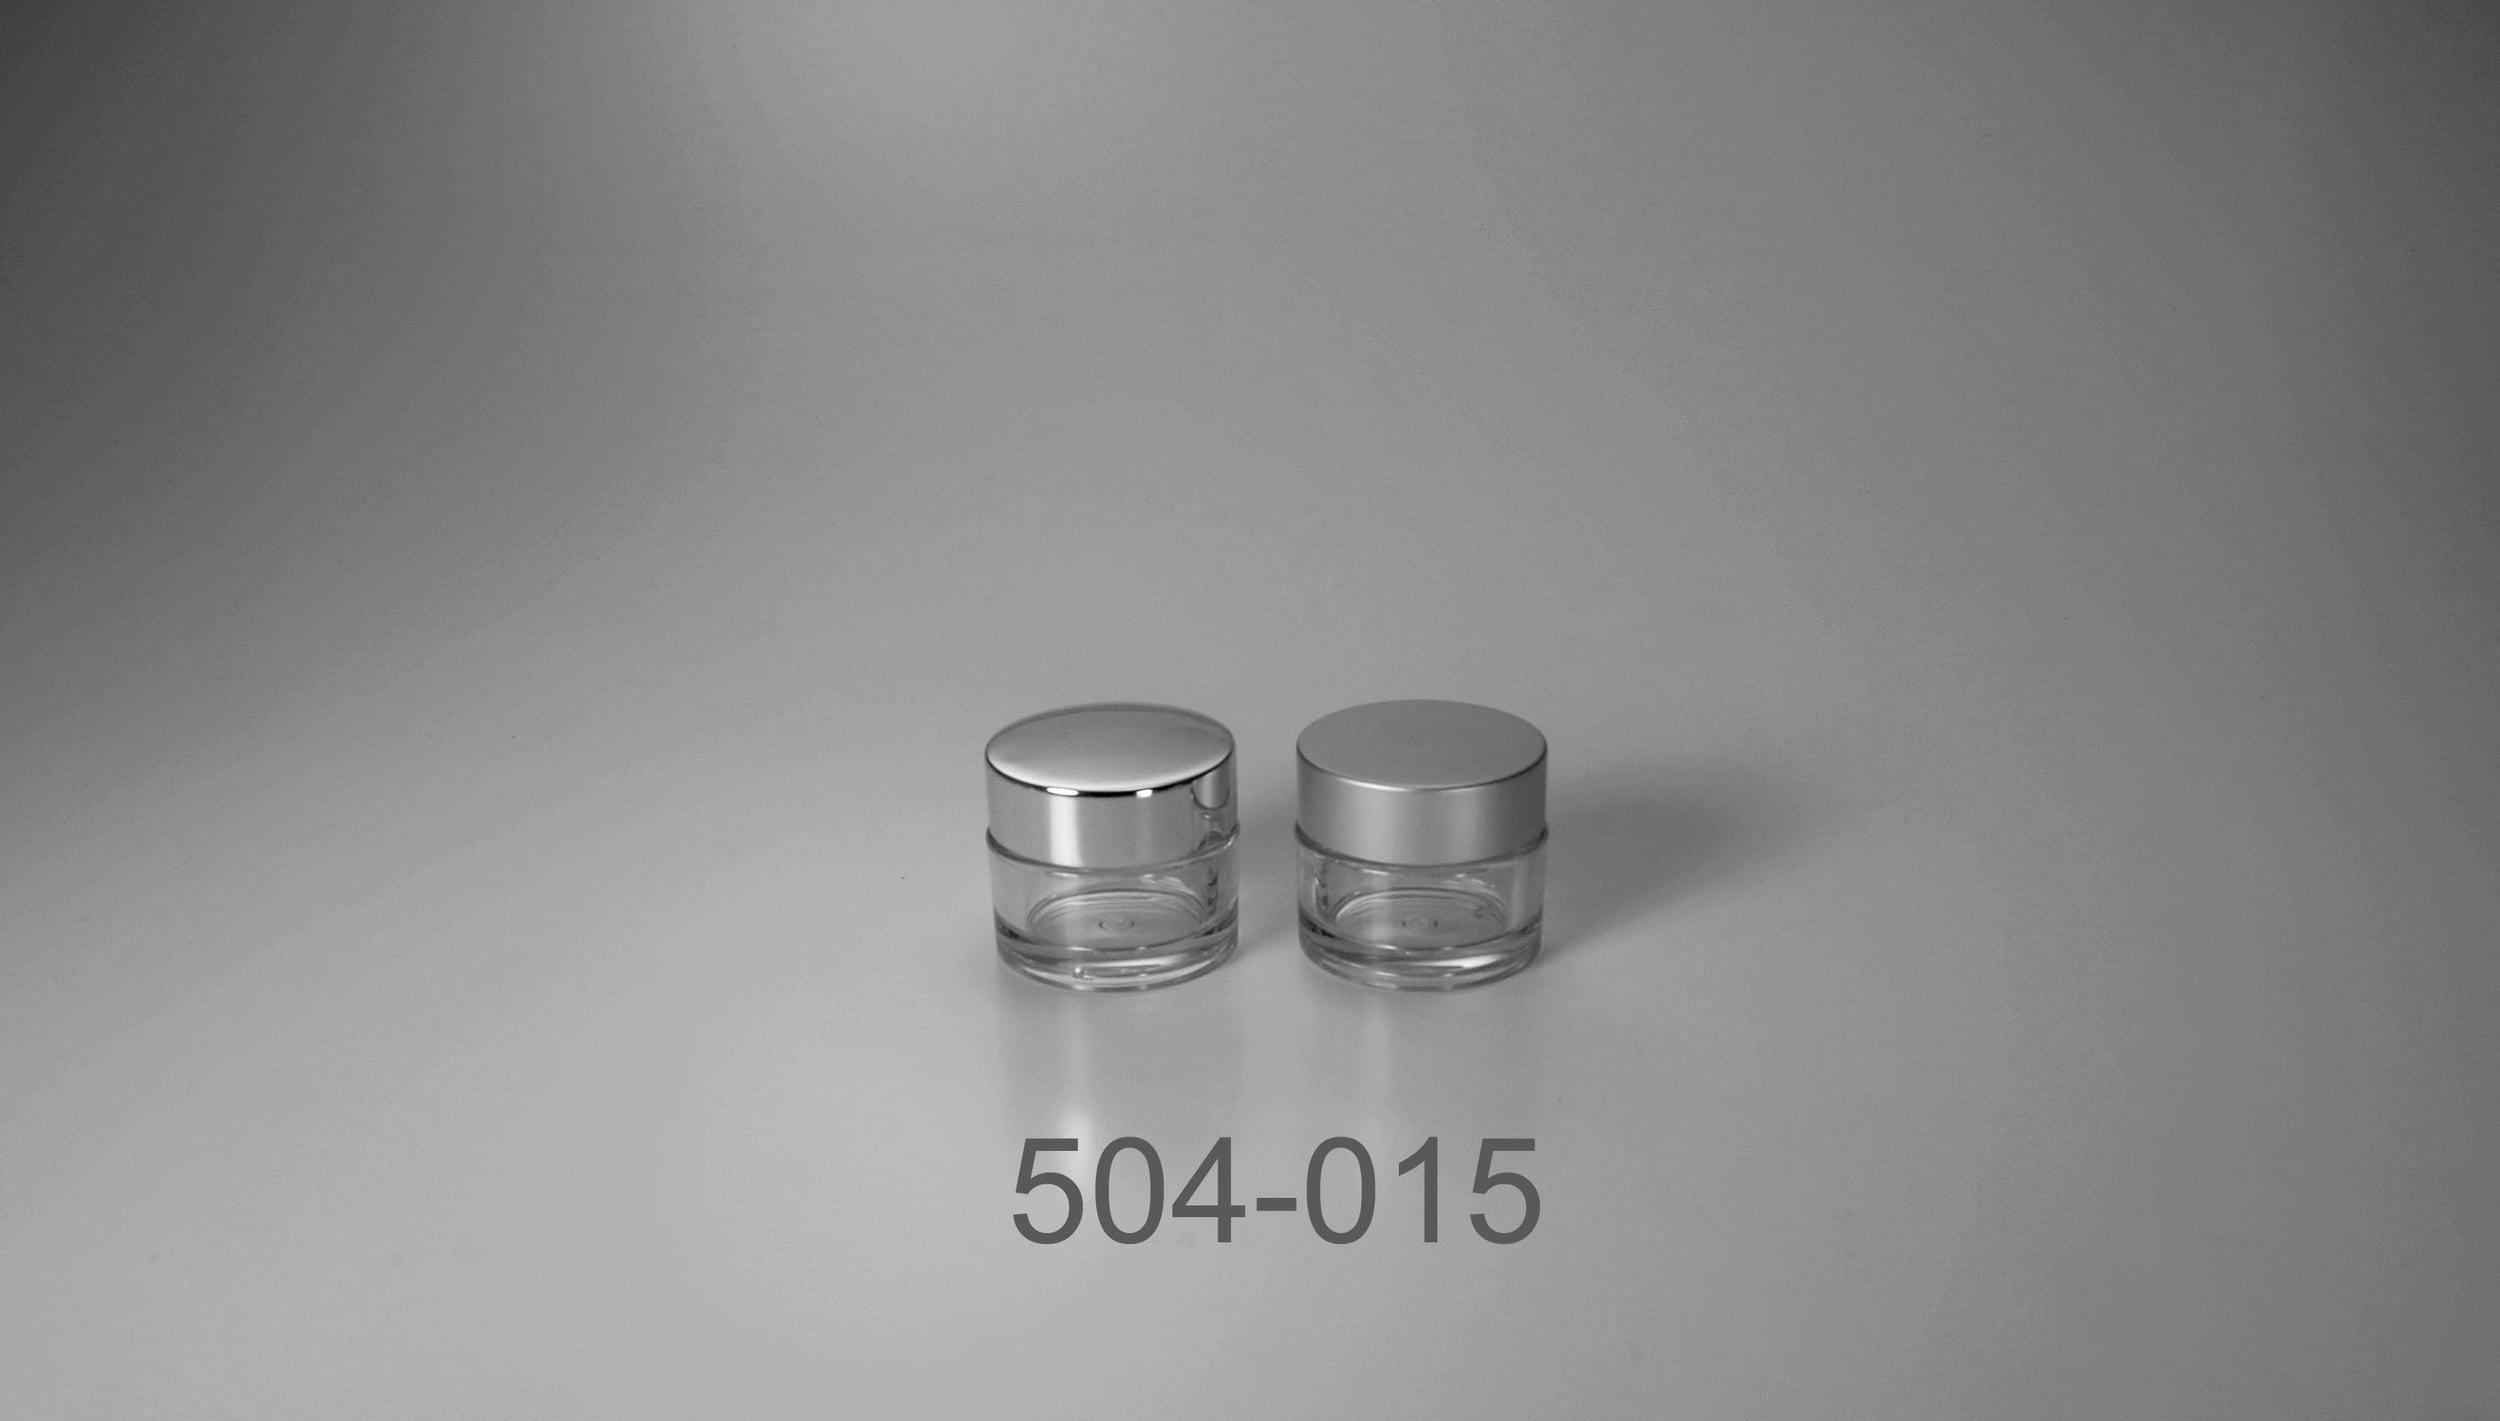 504-015.jpg